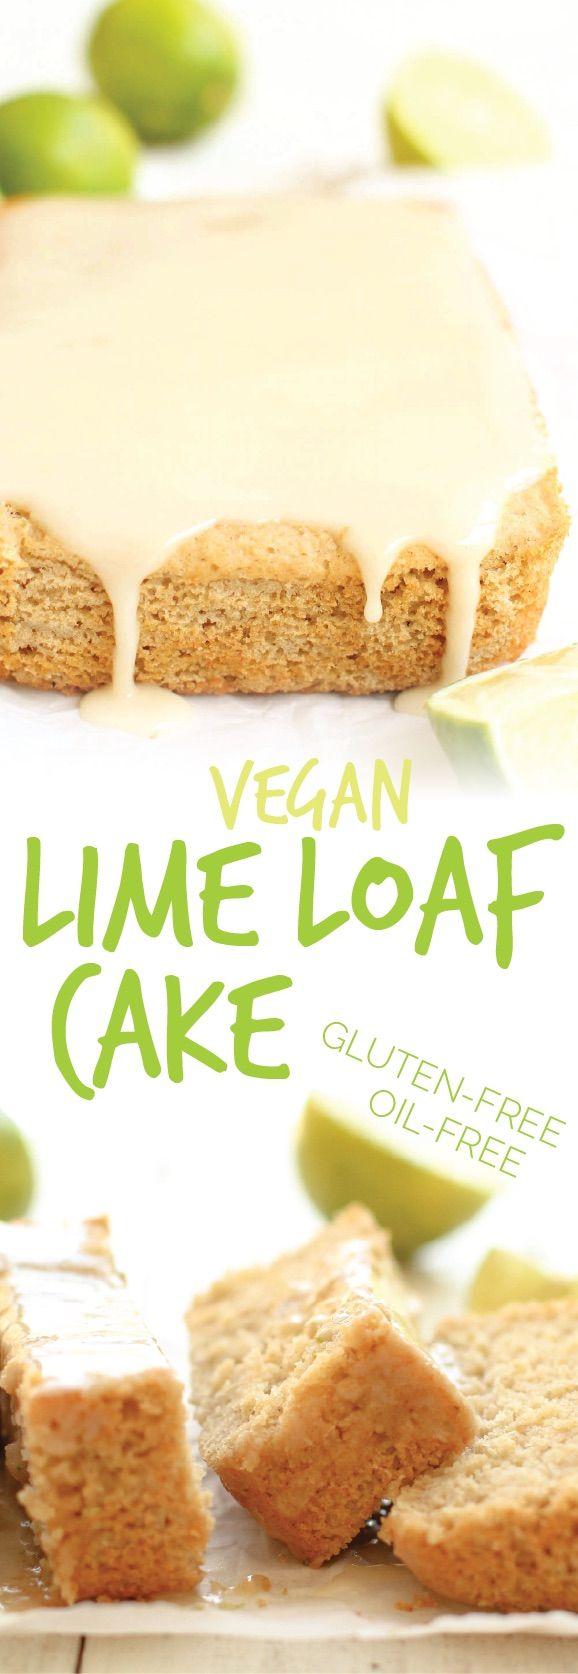 Vegan Lime Loaf Cake ---- gluten-free, vegan